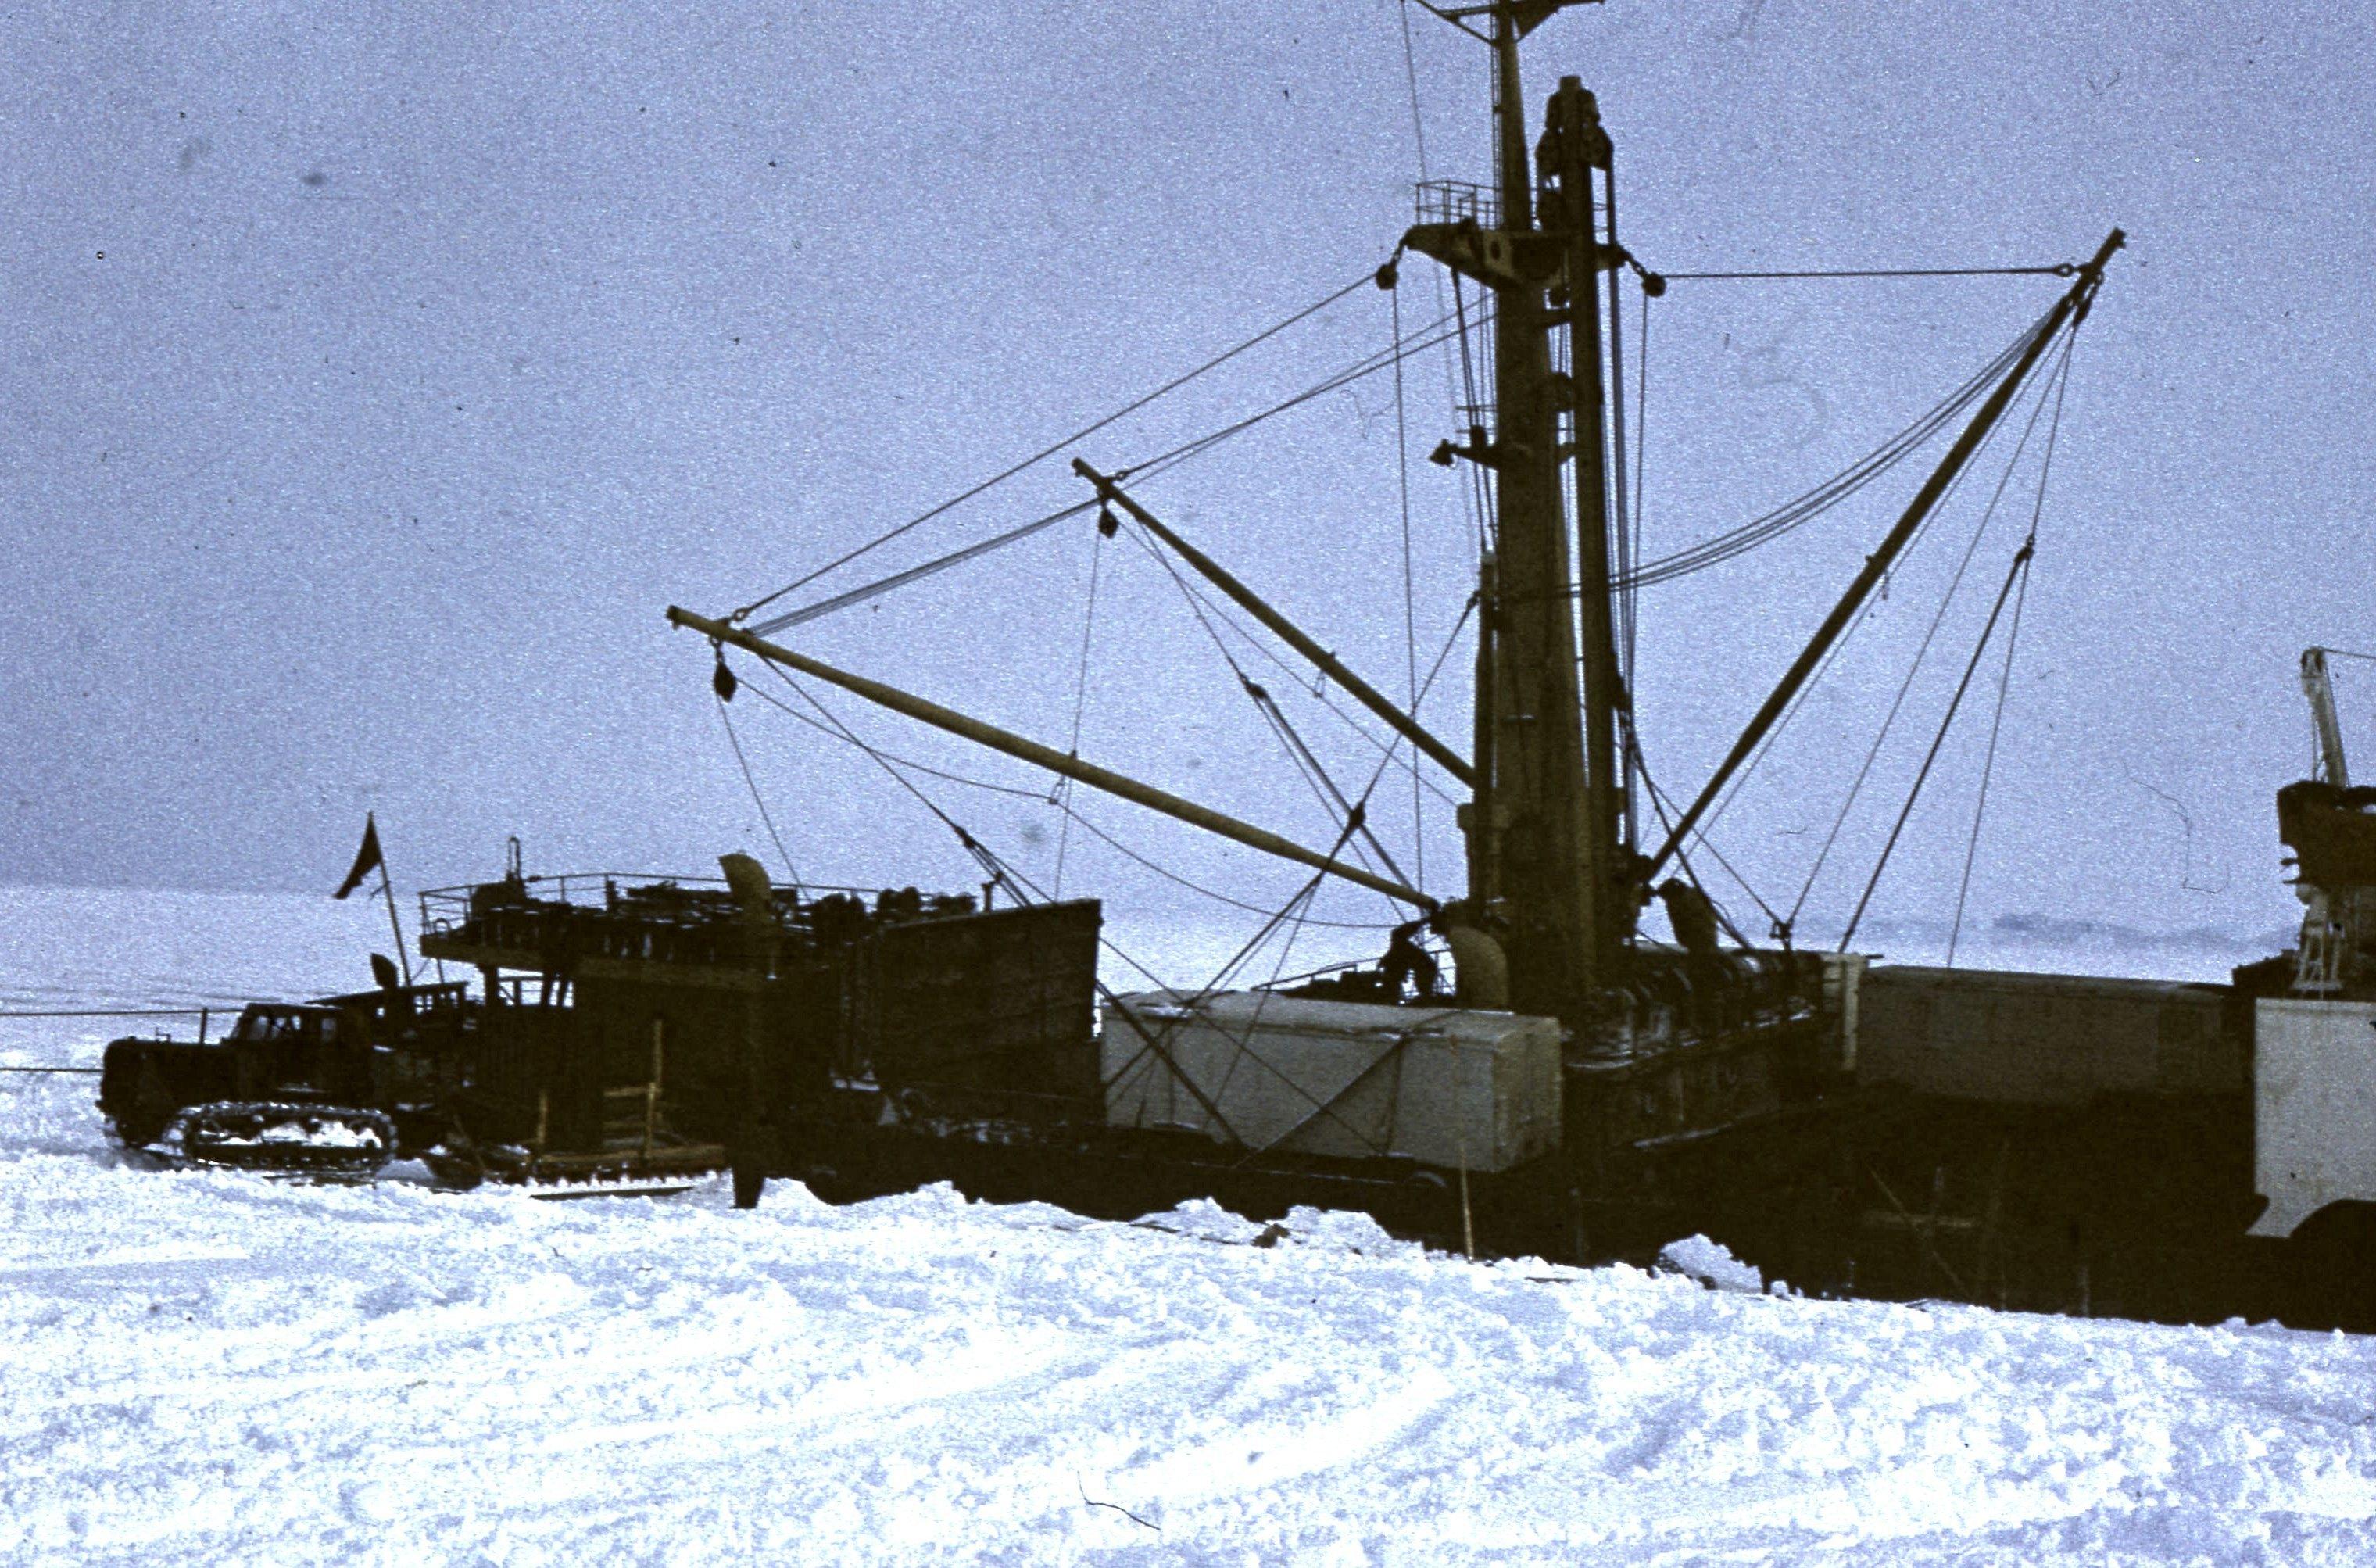 829764 Антарктическая станция _Молодёжная_.jpg